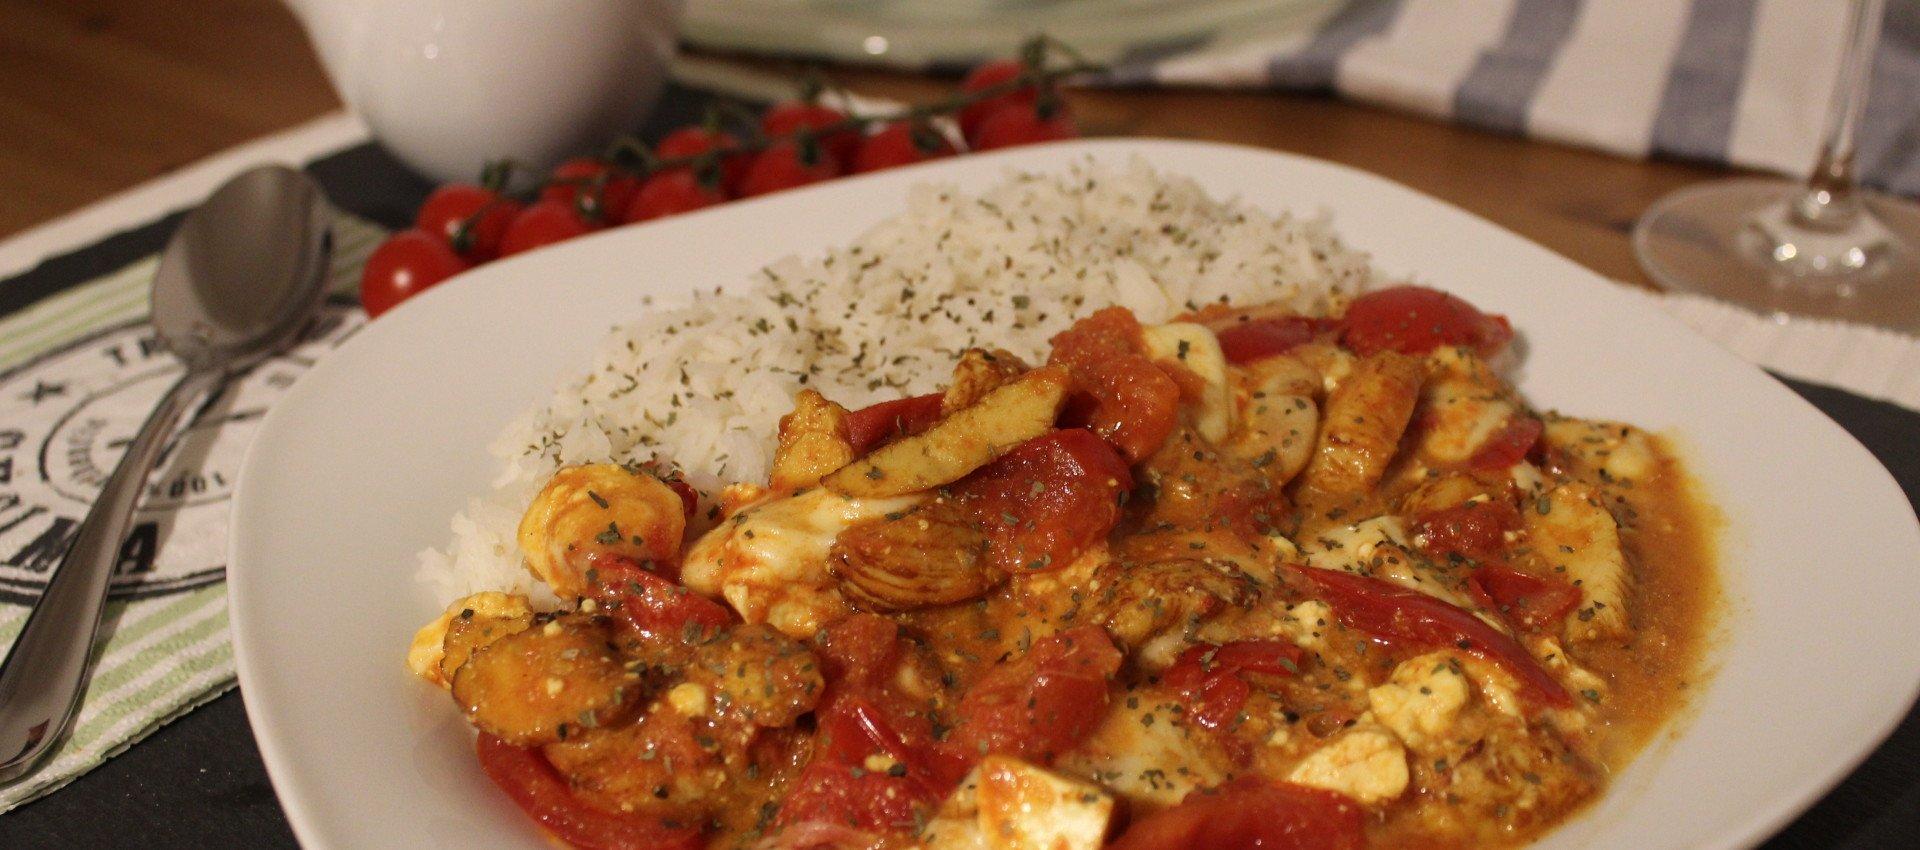 Hähnchenfleisch mit Tomate und Feta